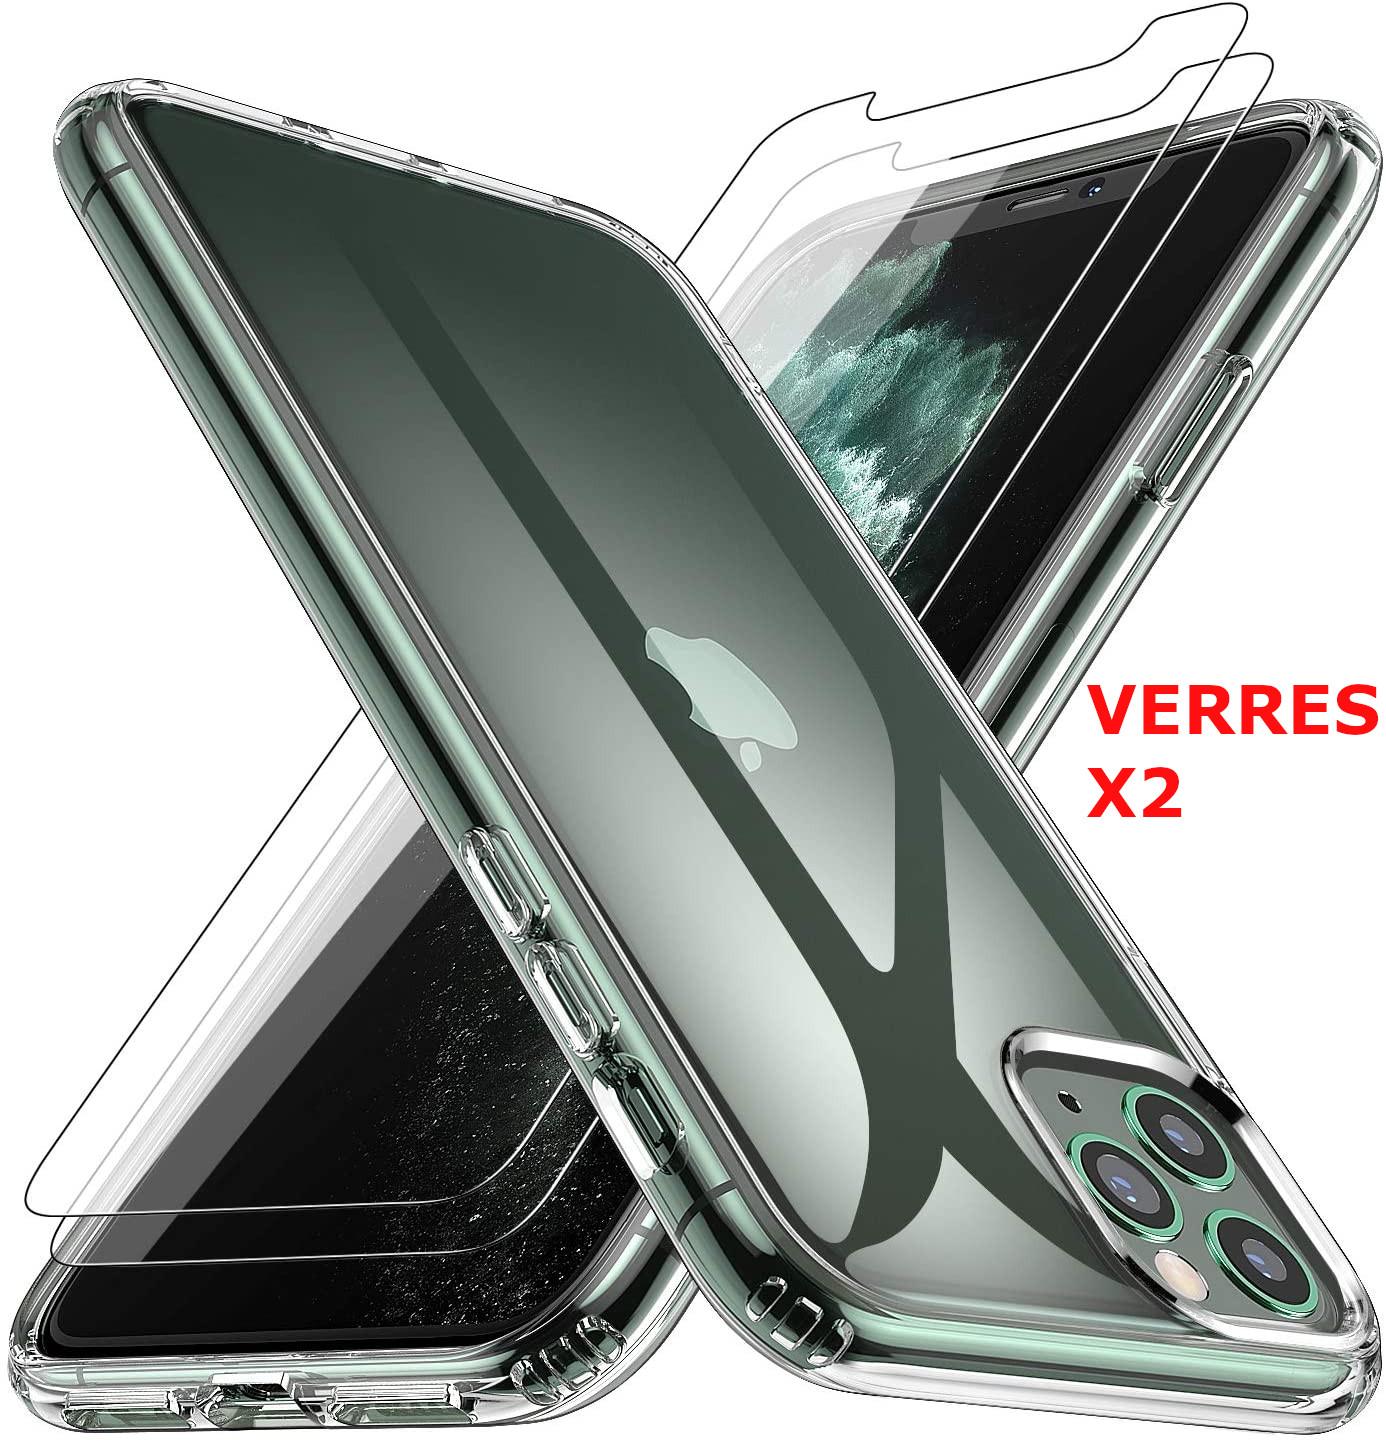 Coque Silicone Transparente Pour iPhone 11 Pro Max + 2 Verres Trempe - Little Boutik®